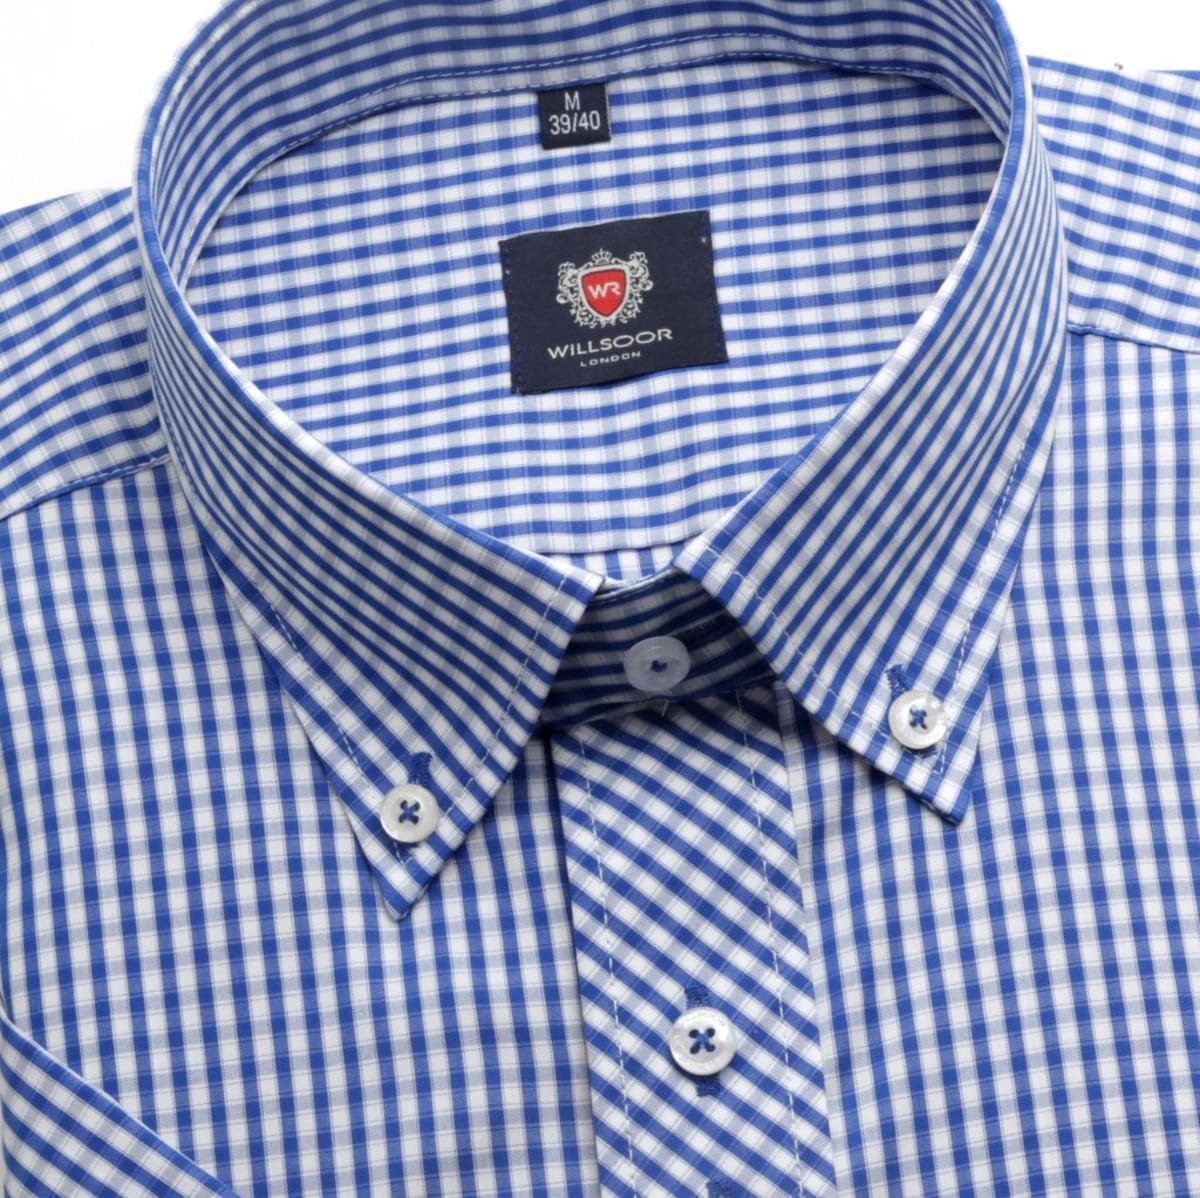 Pánska košele WR London s krátkym rukávom s modro bielou kockou (výška 176-182) 4931 176-182 / L (41/42)